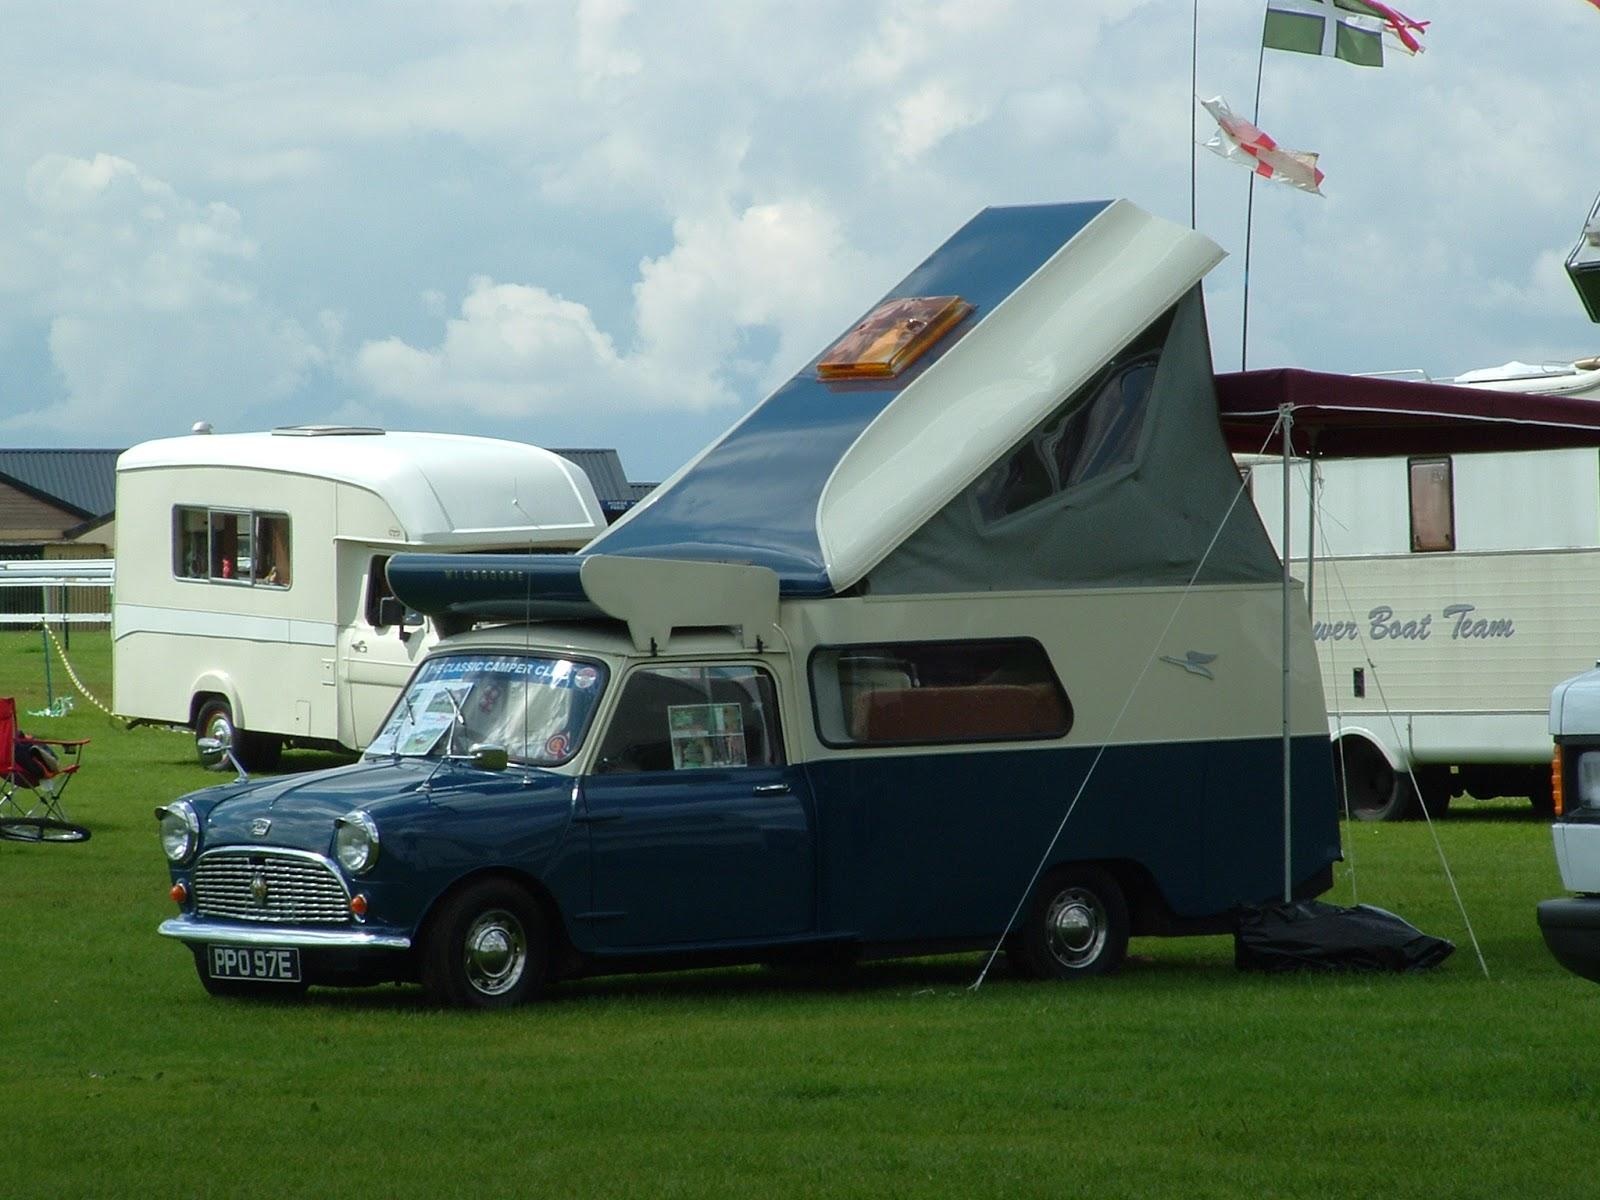 Classic 'micro' campervans